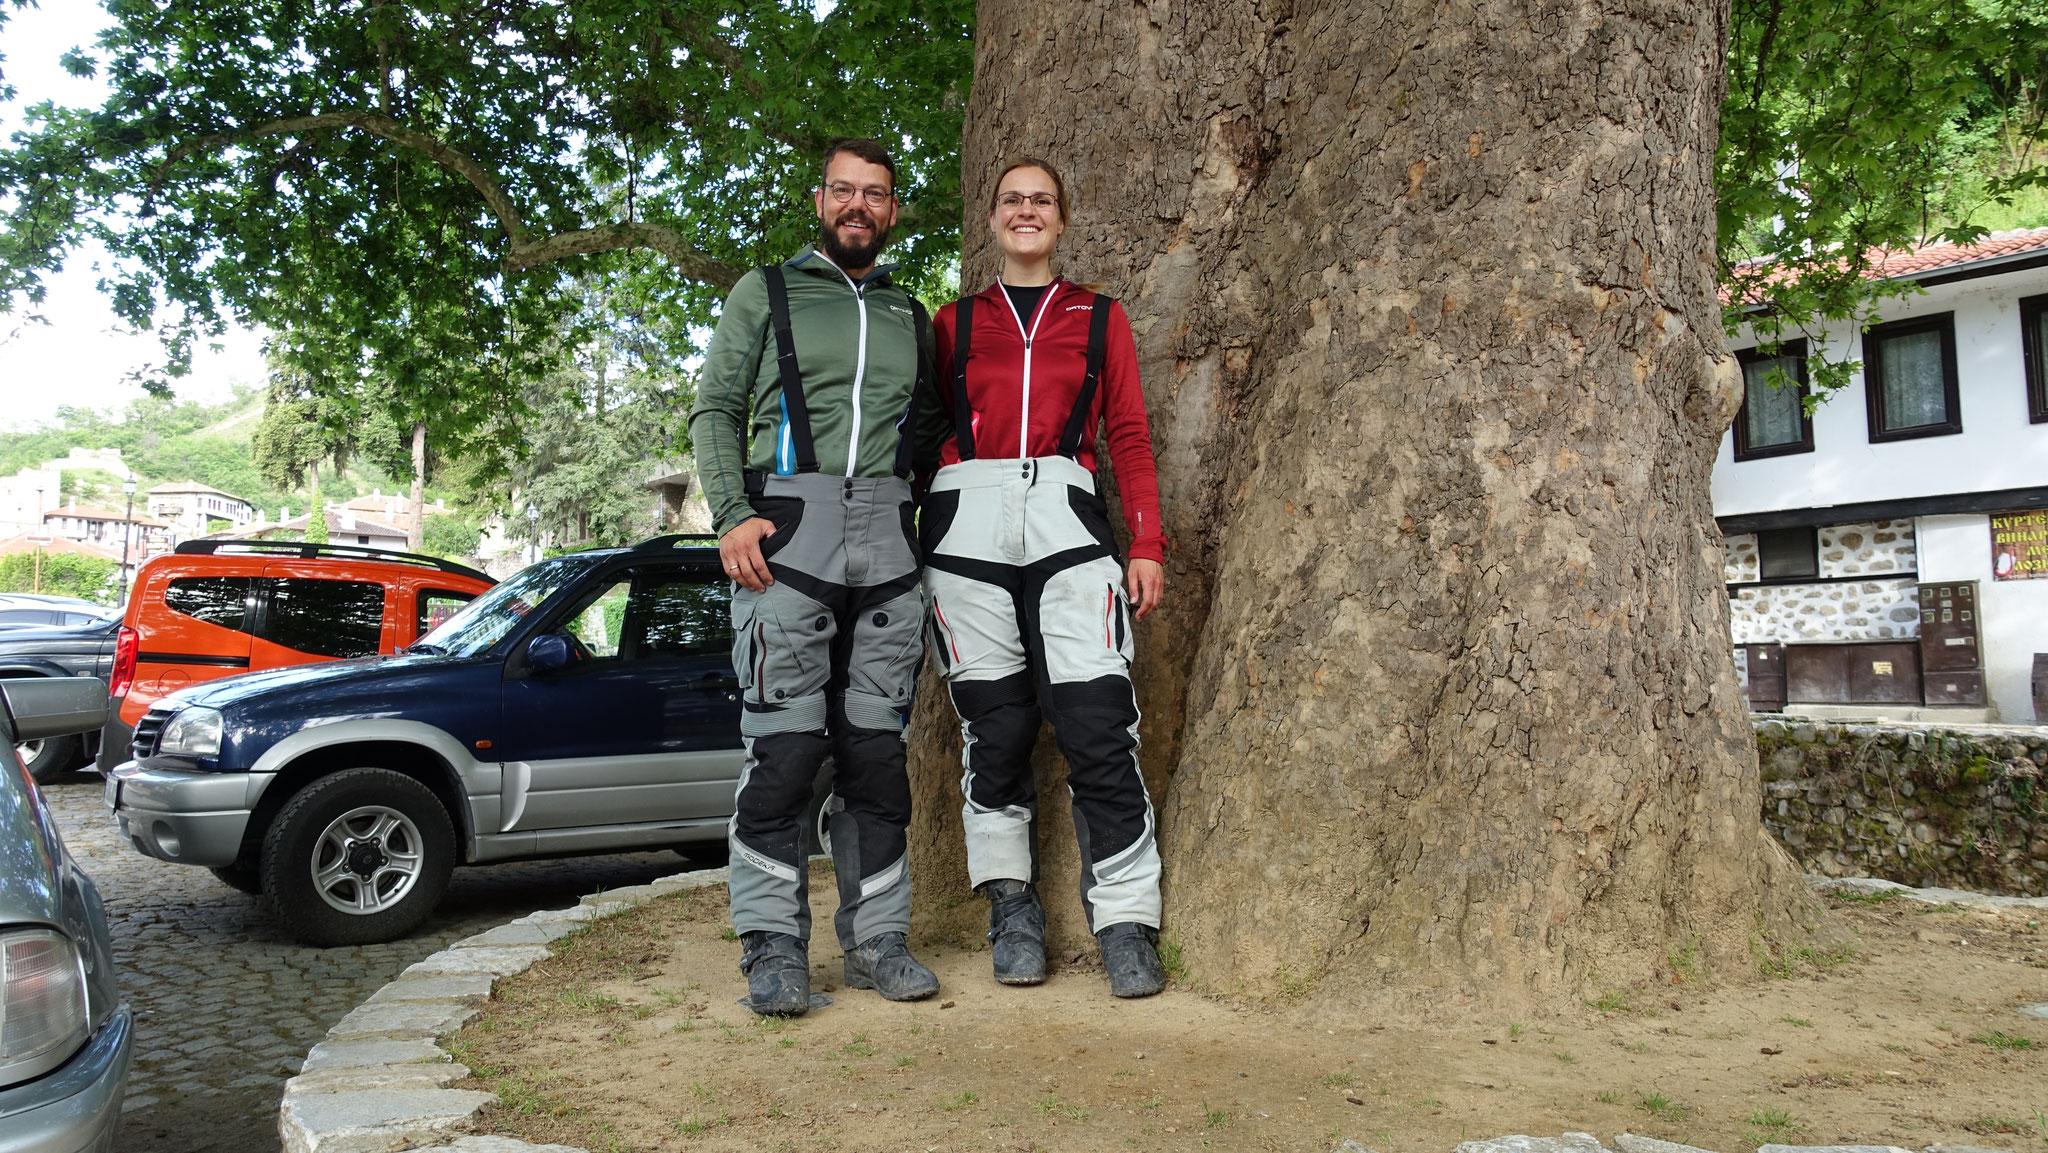 In Melnik müssen wir noch vor einem steinalten Baum posieren :D